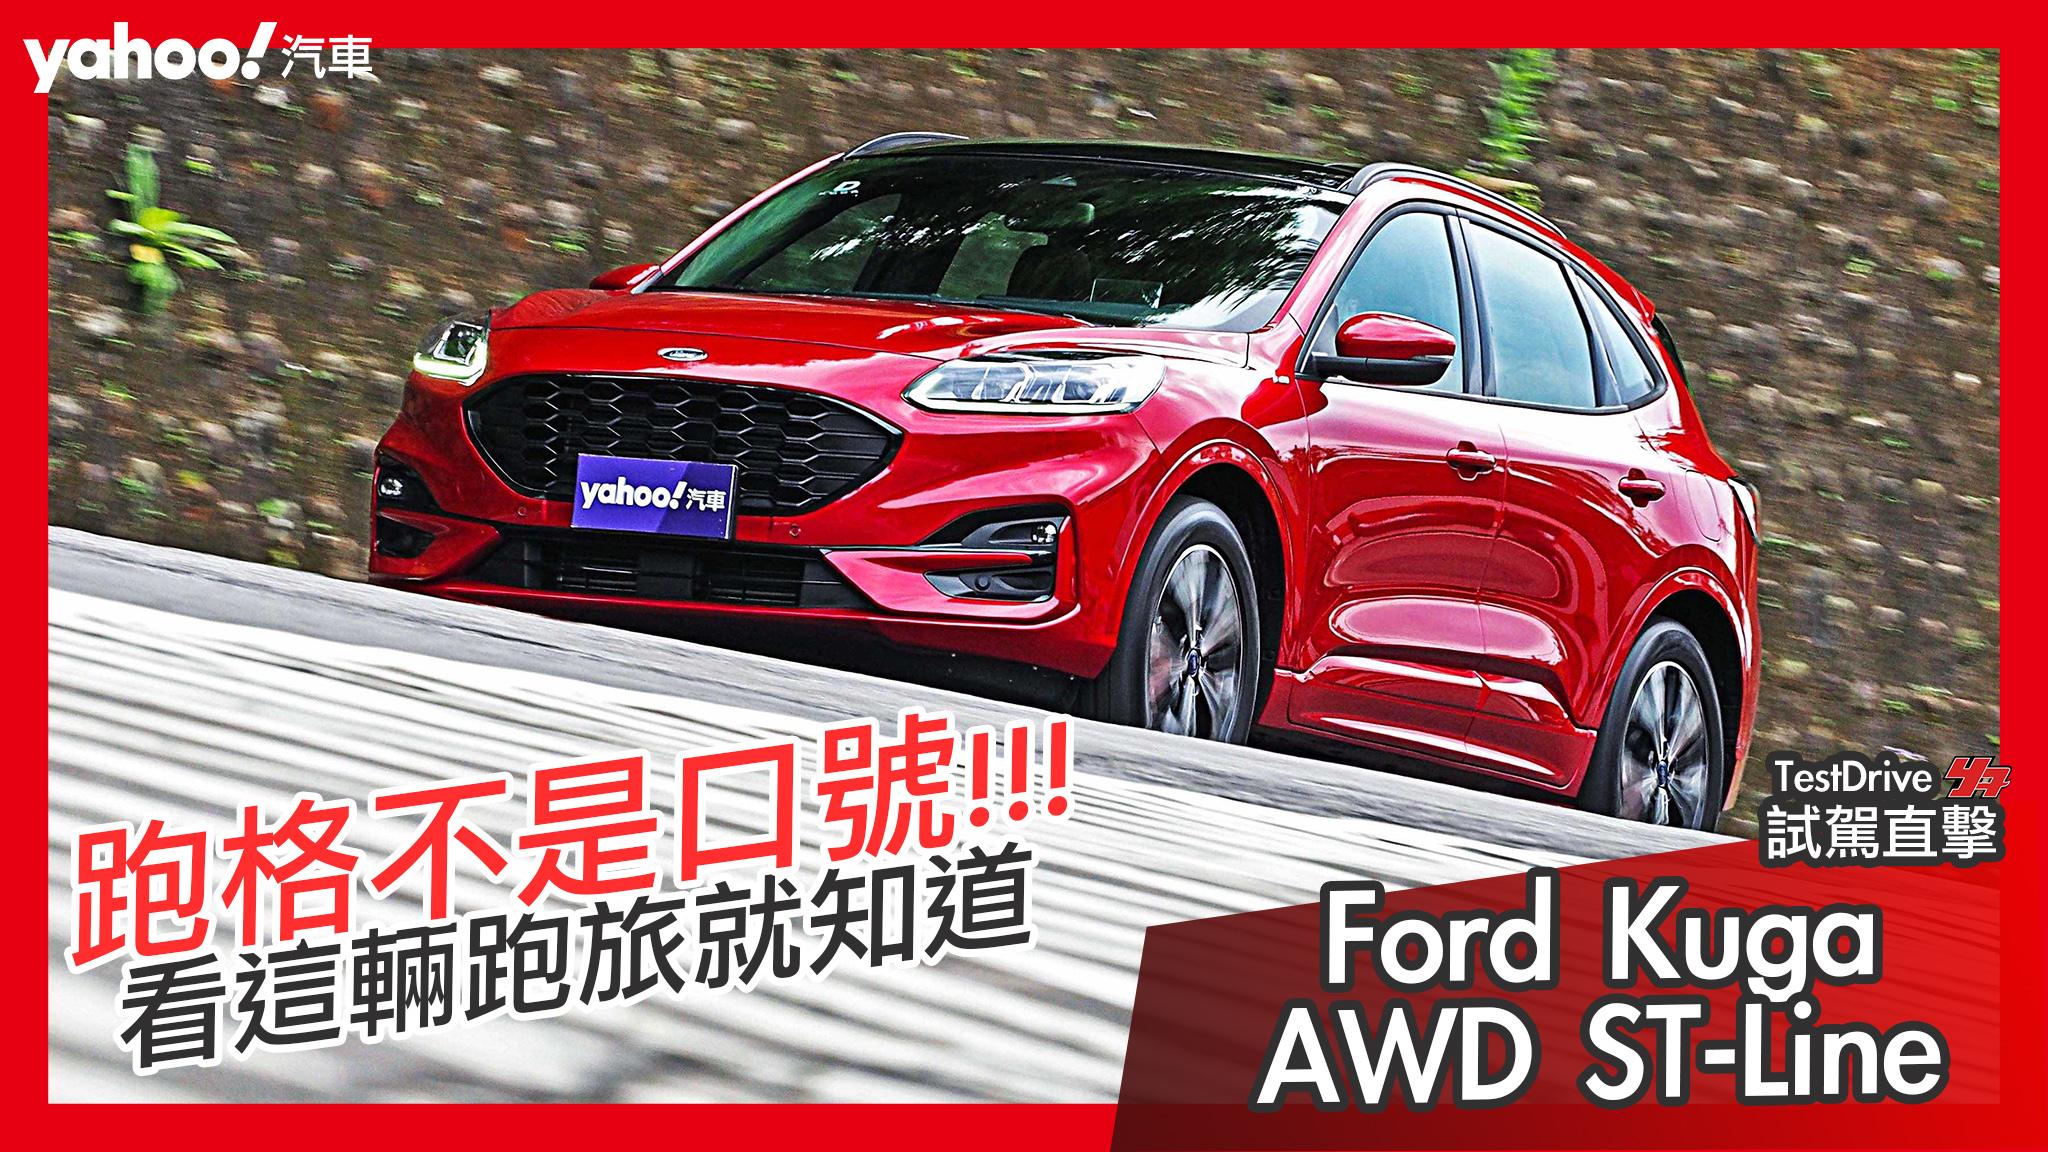 【試駕直擊】跑格不是喊口號、熱血得有真本事!2020 Ford Kuga EcoBoost 250 AWD ST-Line山區試駕!